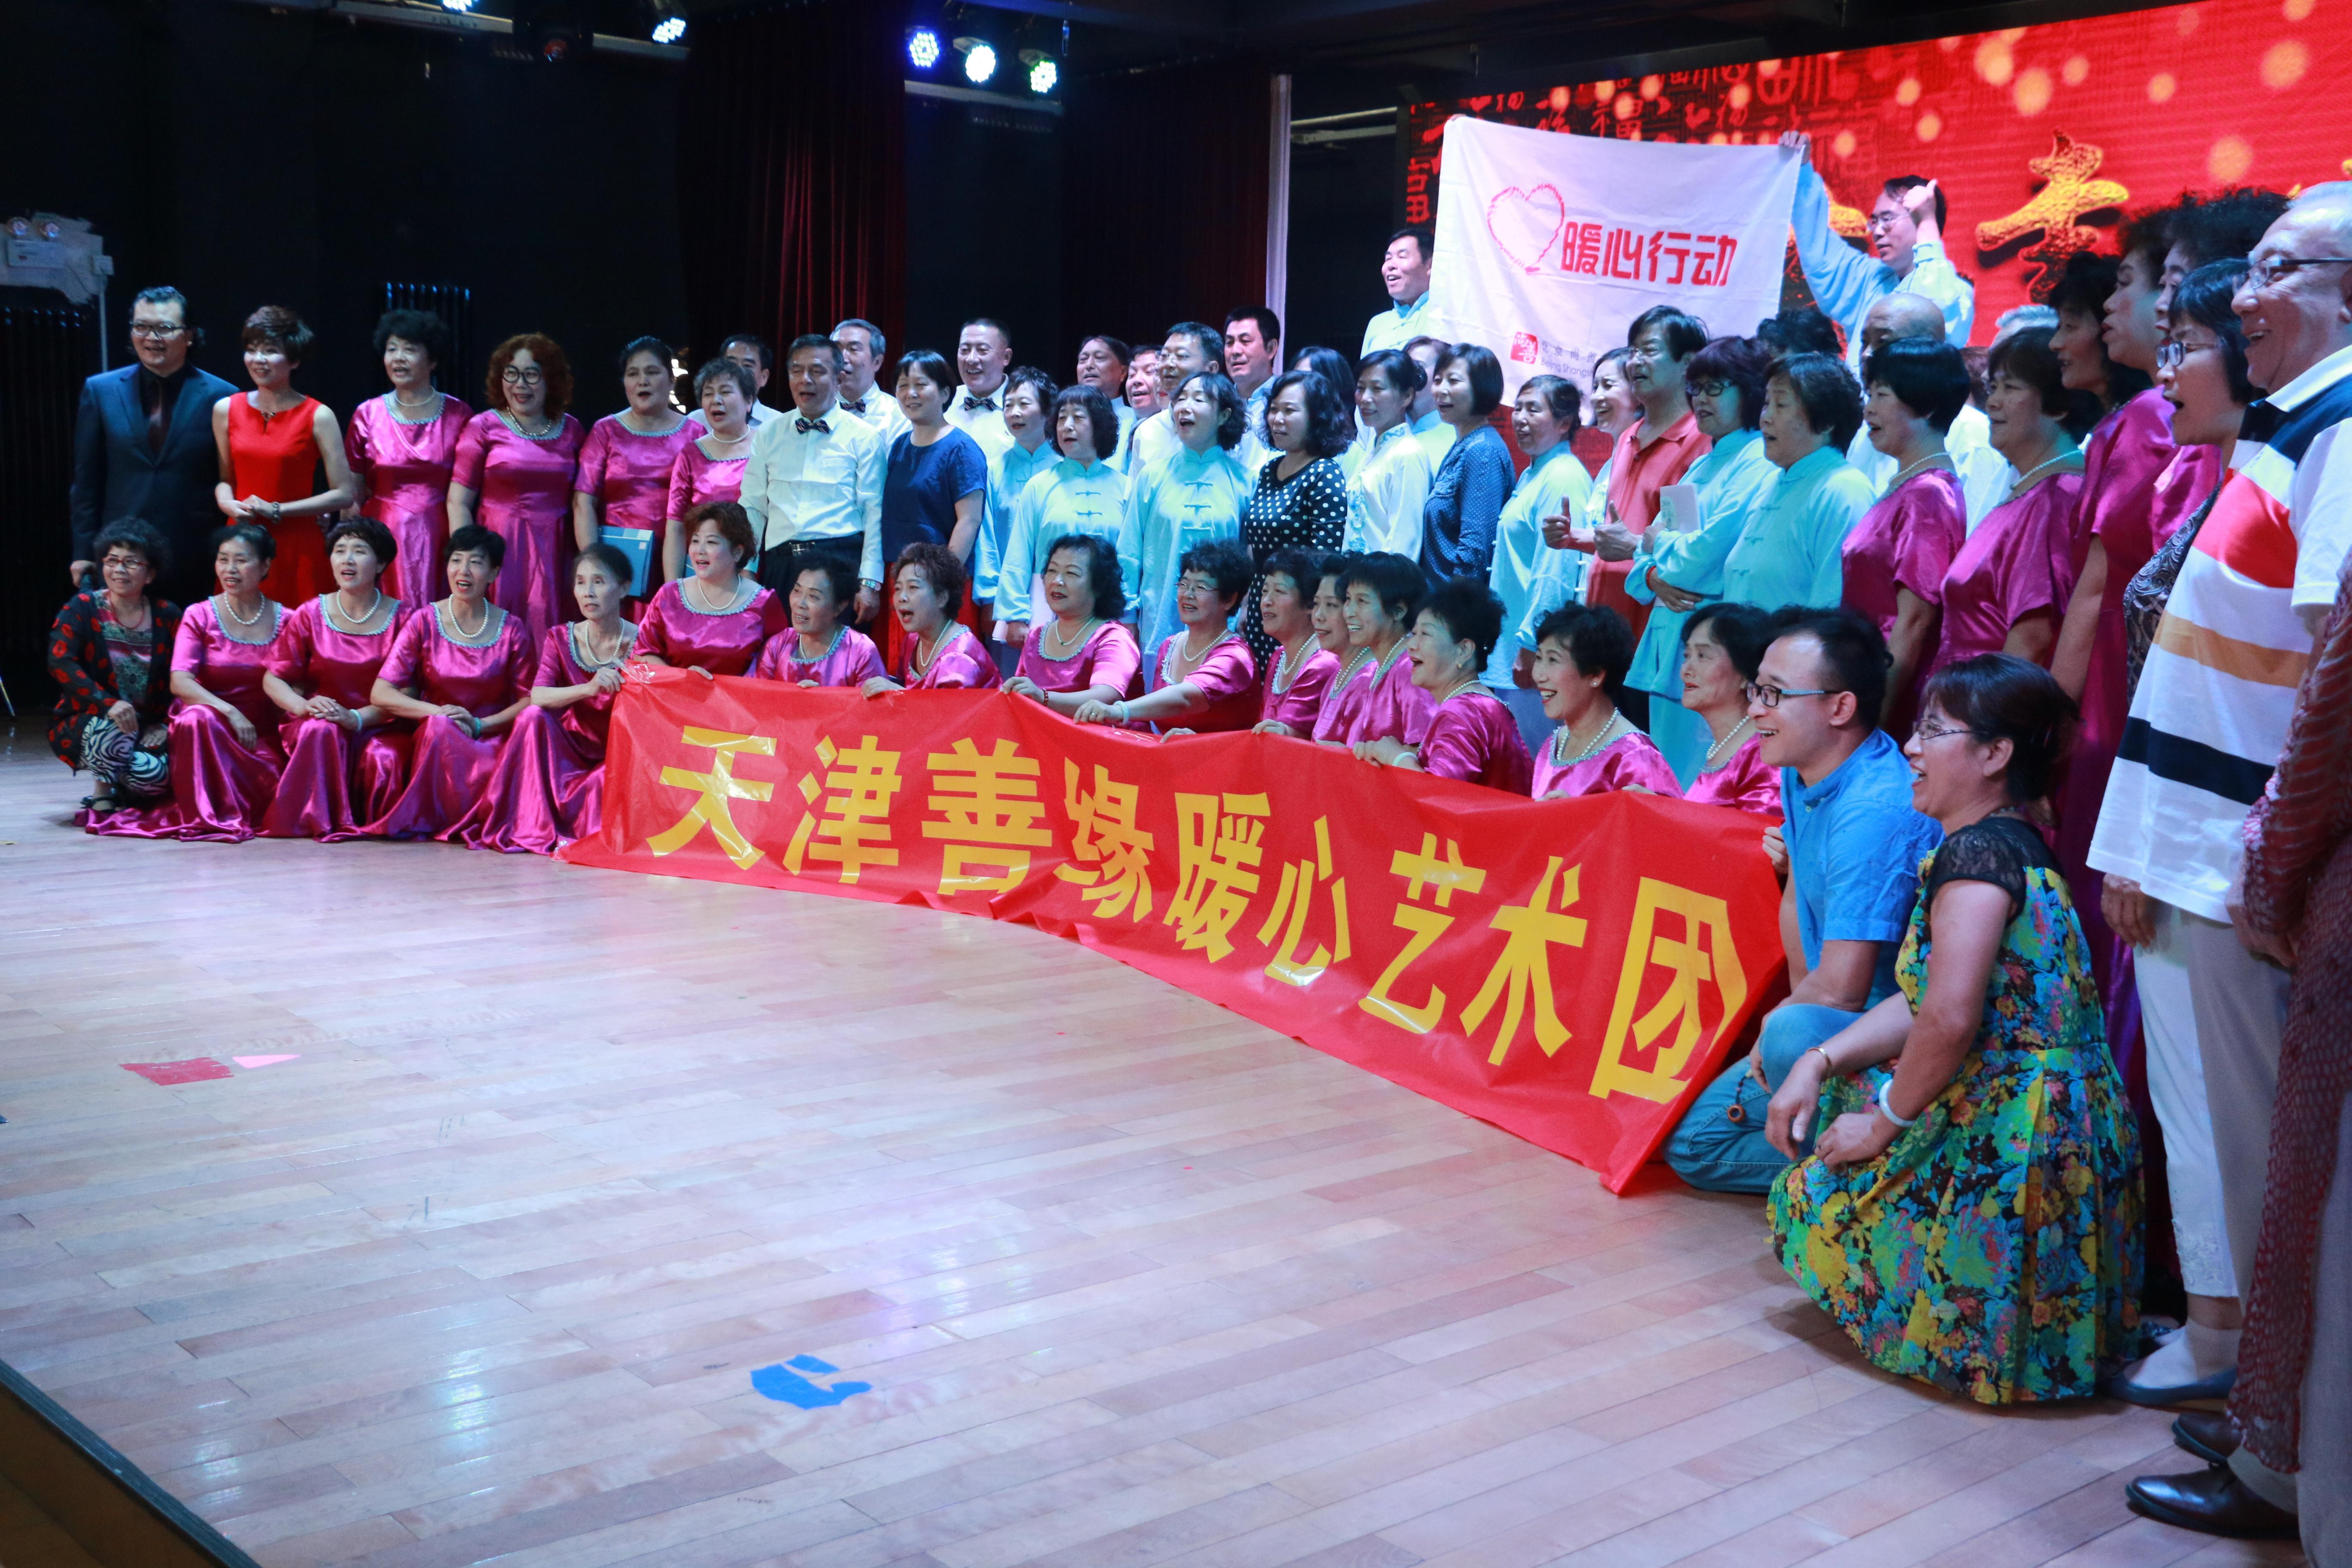 天津成立第一家为失独家庭建设的暖心艺术团